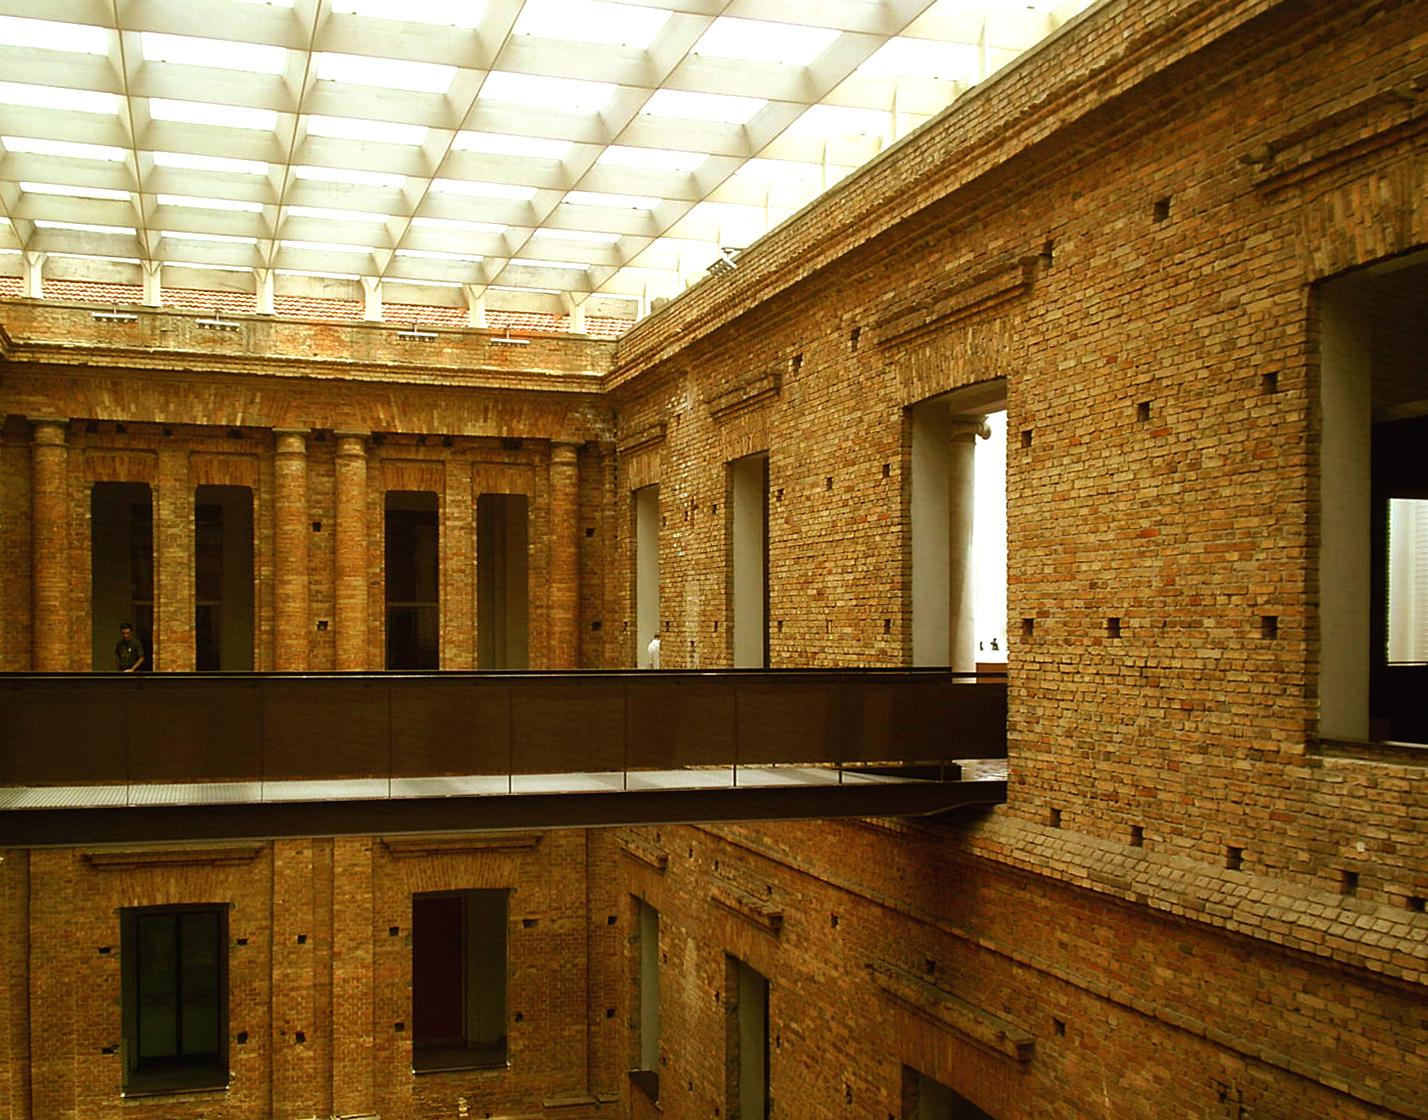 pinacoteca passeio cultural sp